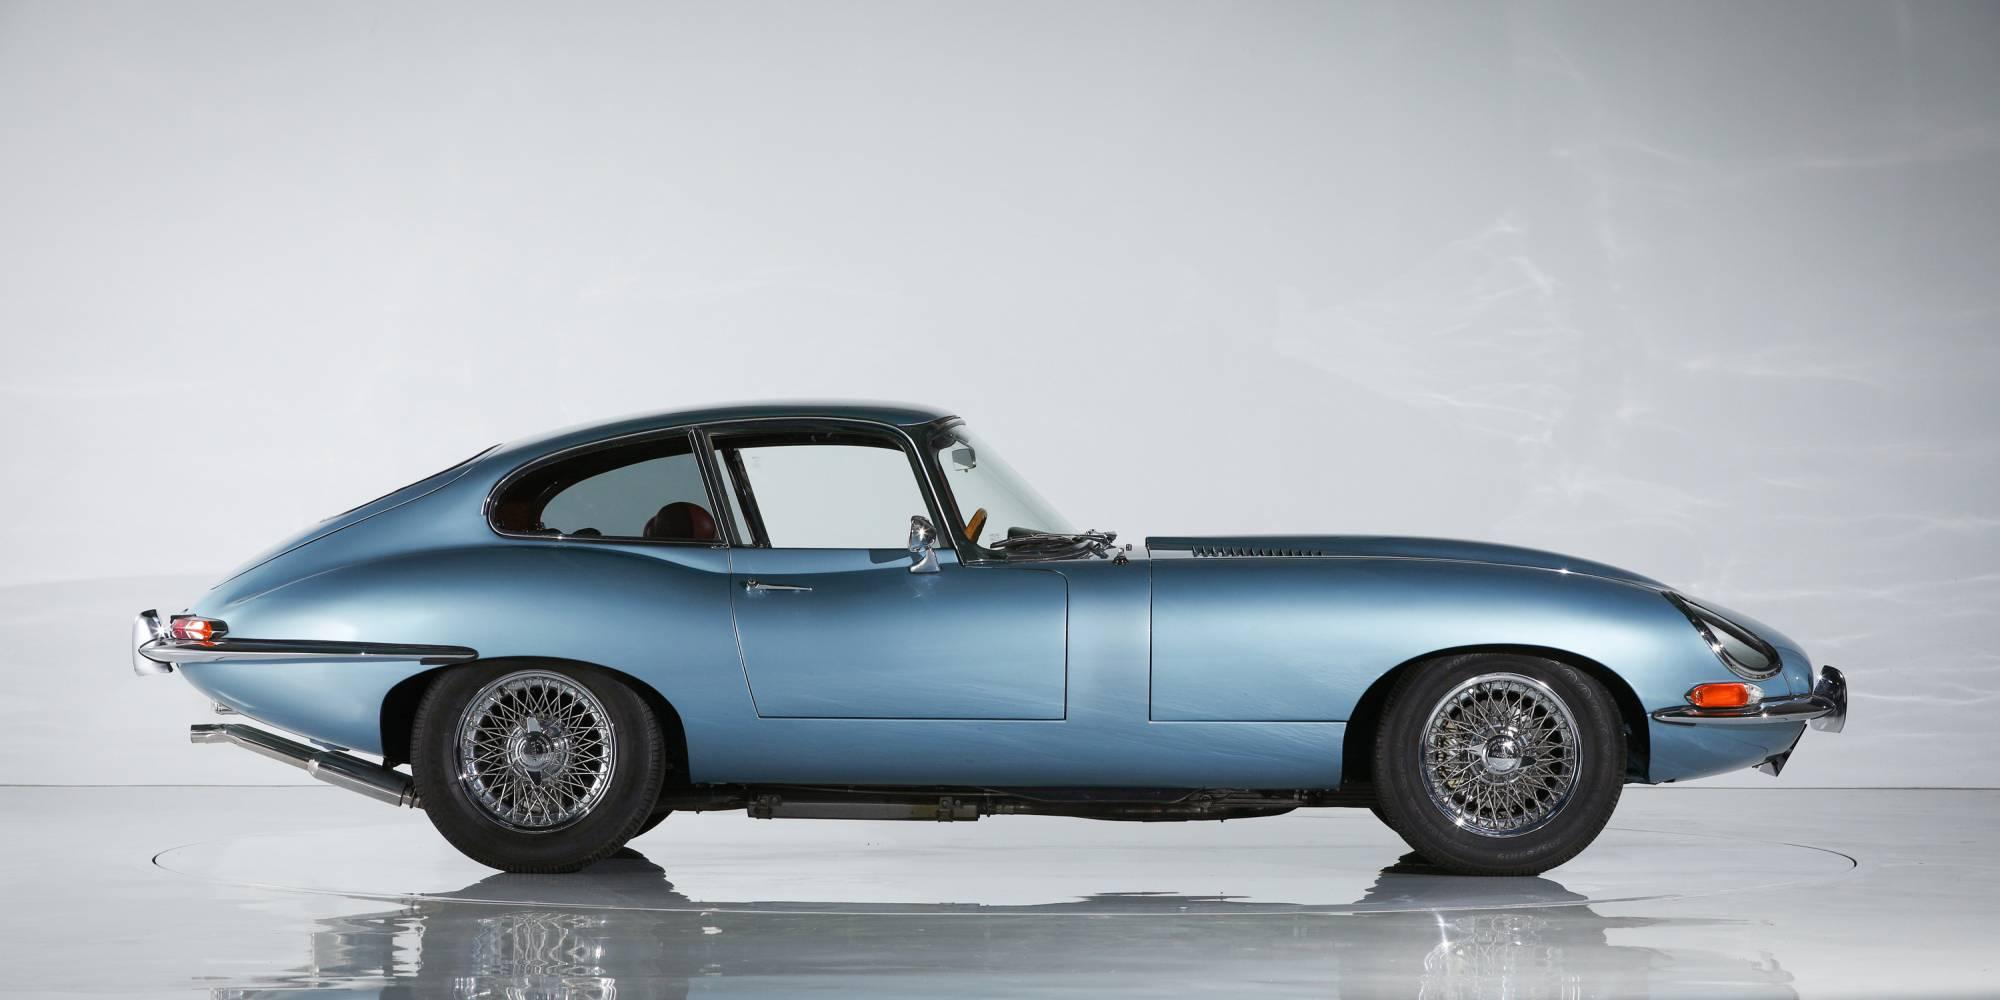 Jaguar F Type Coupe >> 1966年式 ジャガー Eタイプ シリーズ1 4.2リッター クーペ|ビンゴスポーツ/希少車、 絶版車、高級車の販売・買取。